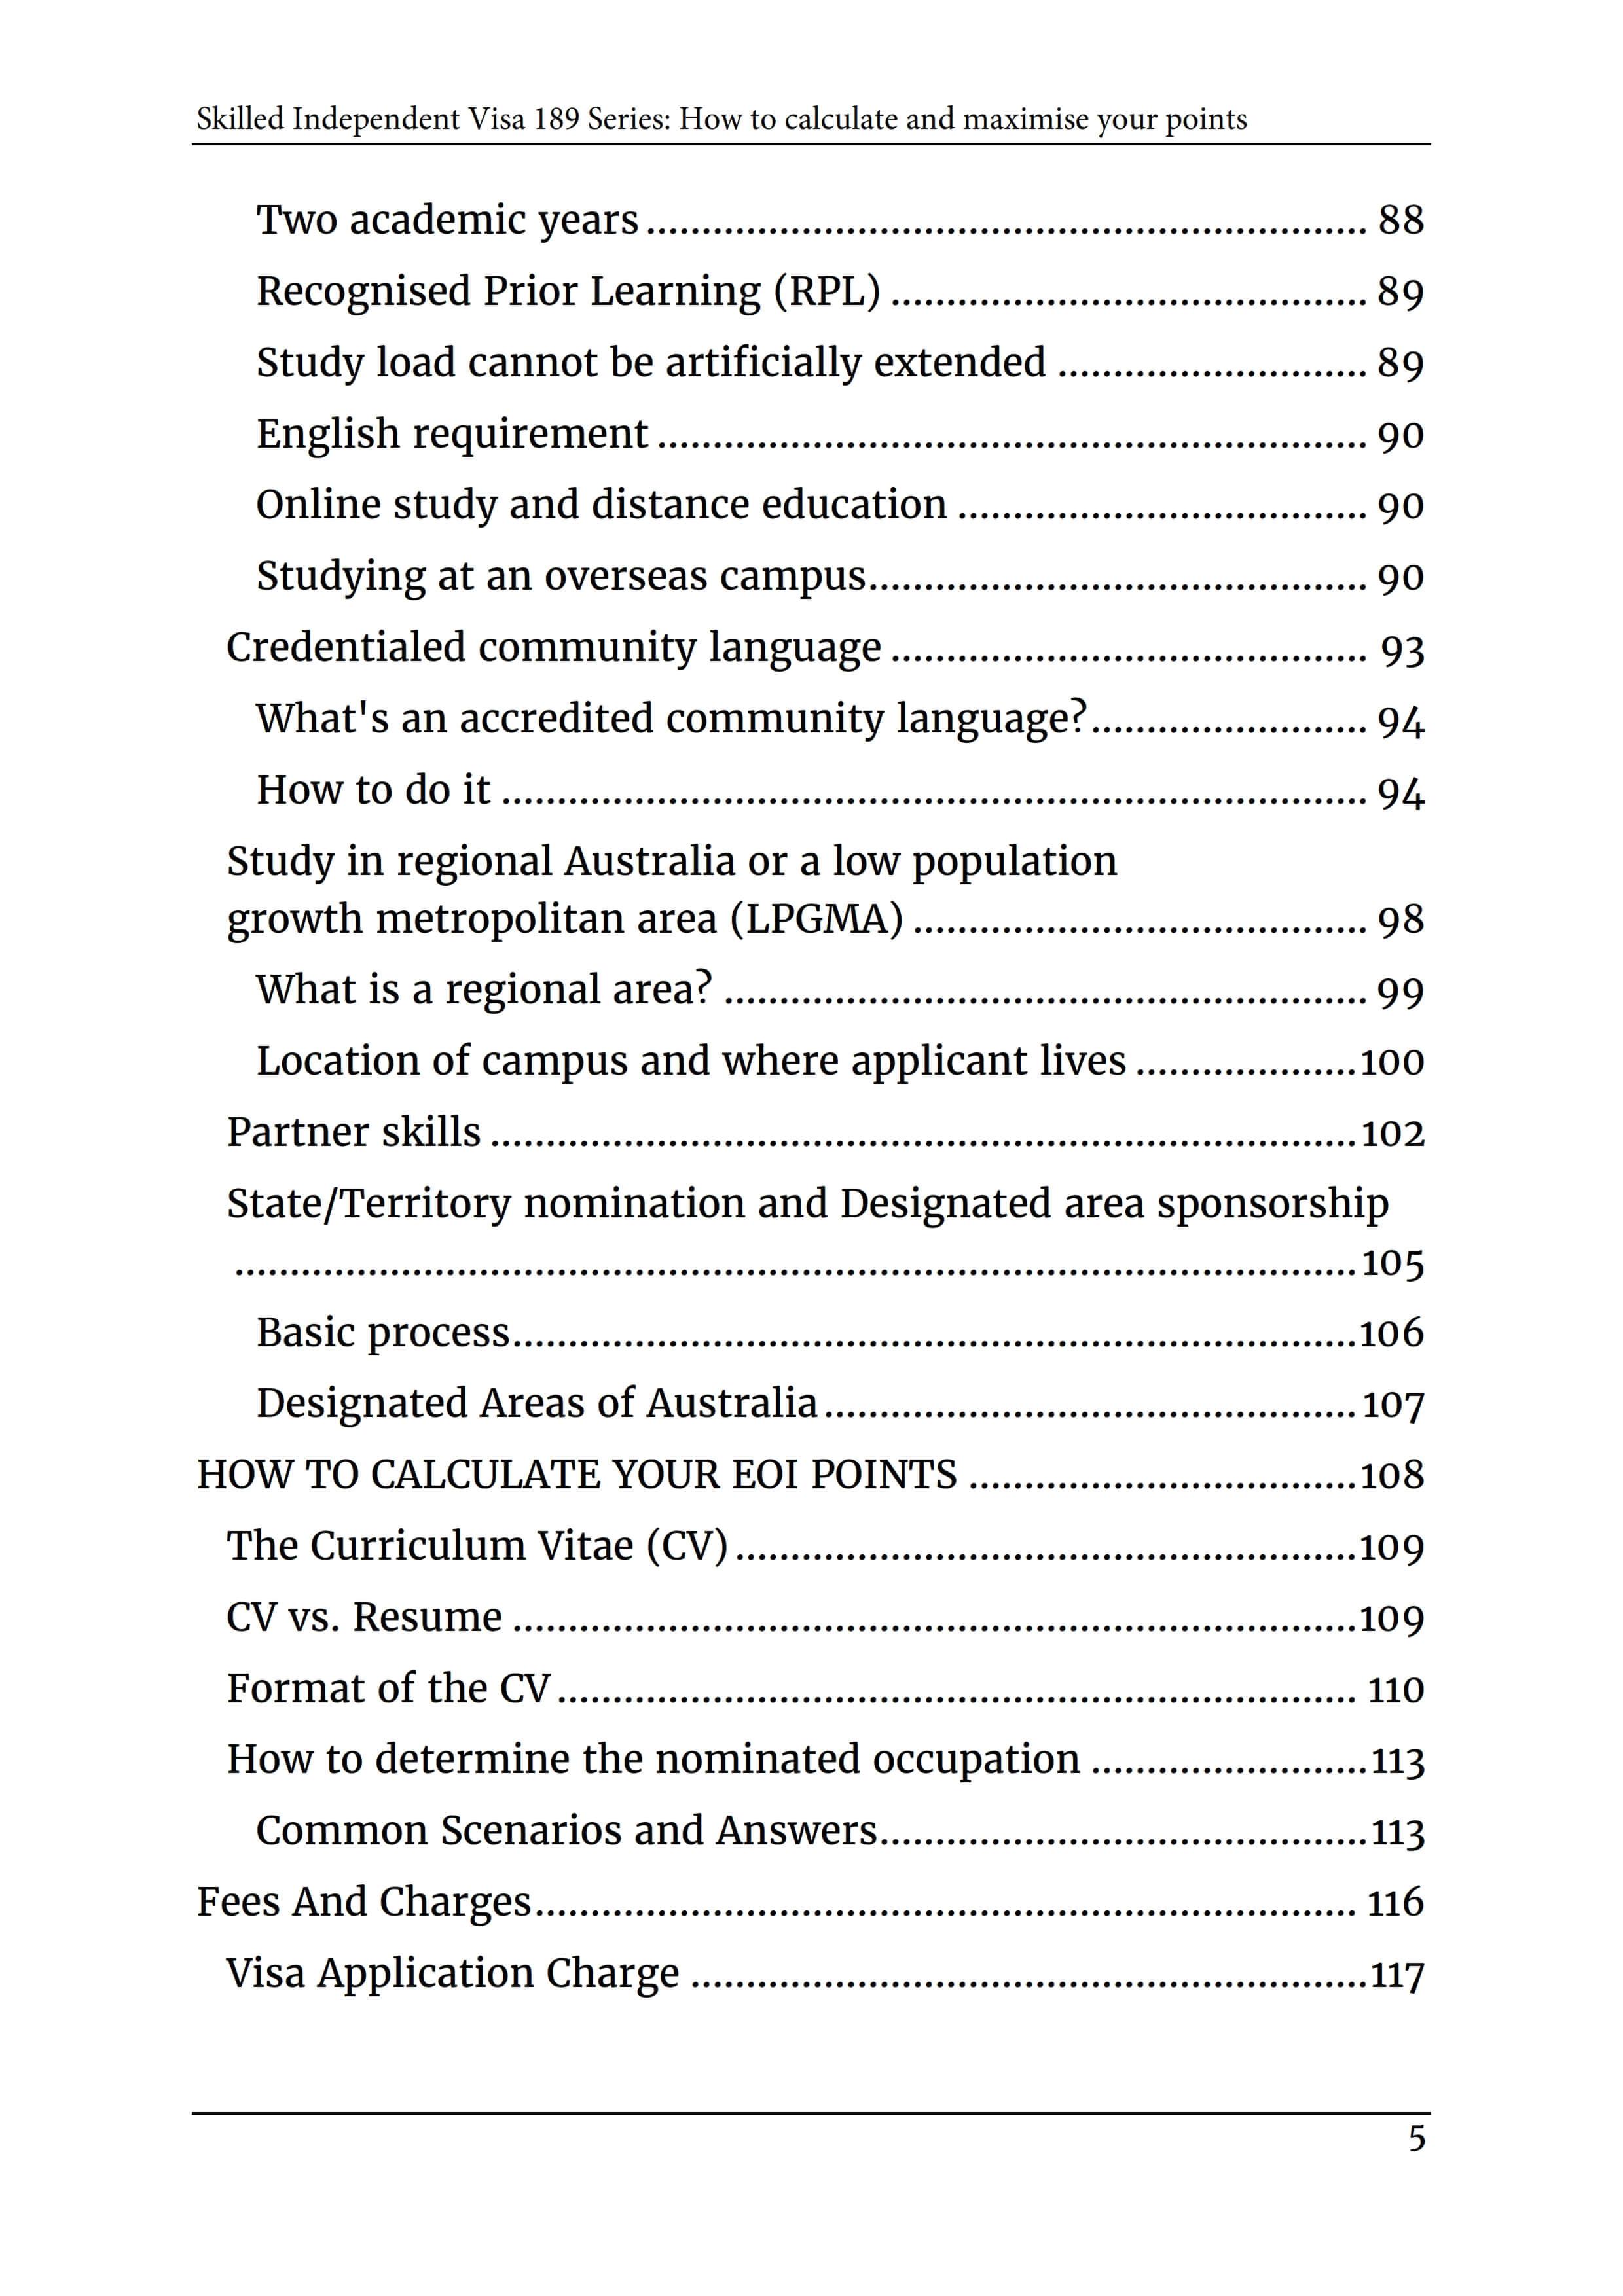 2_Skilled Independent Visa 189 - POINTS TEST [2019]_TOC4